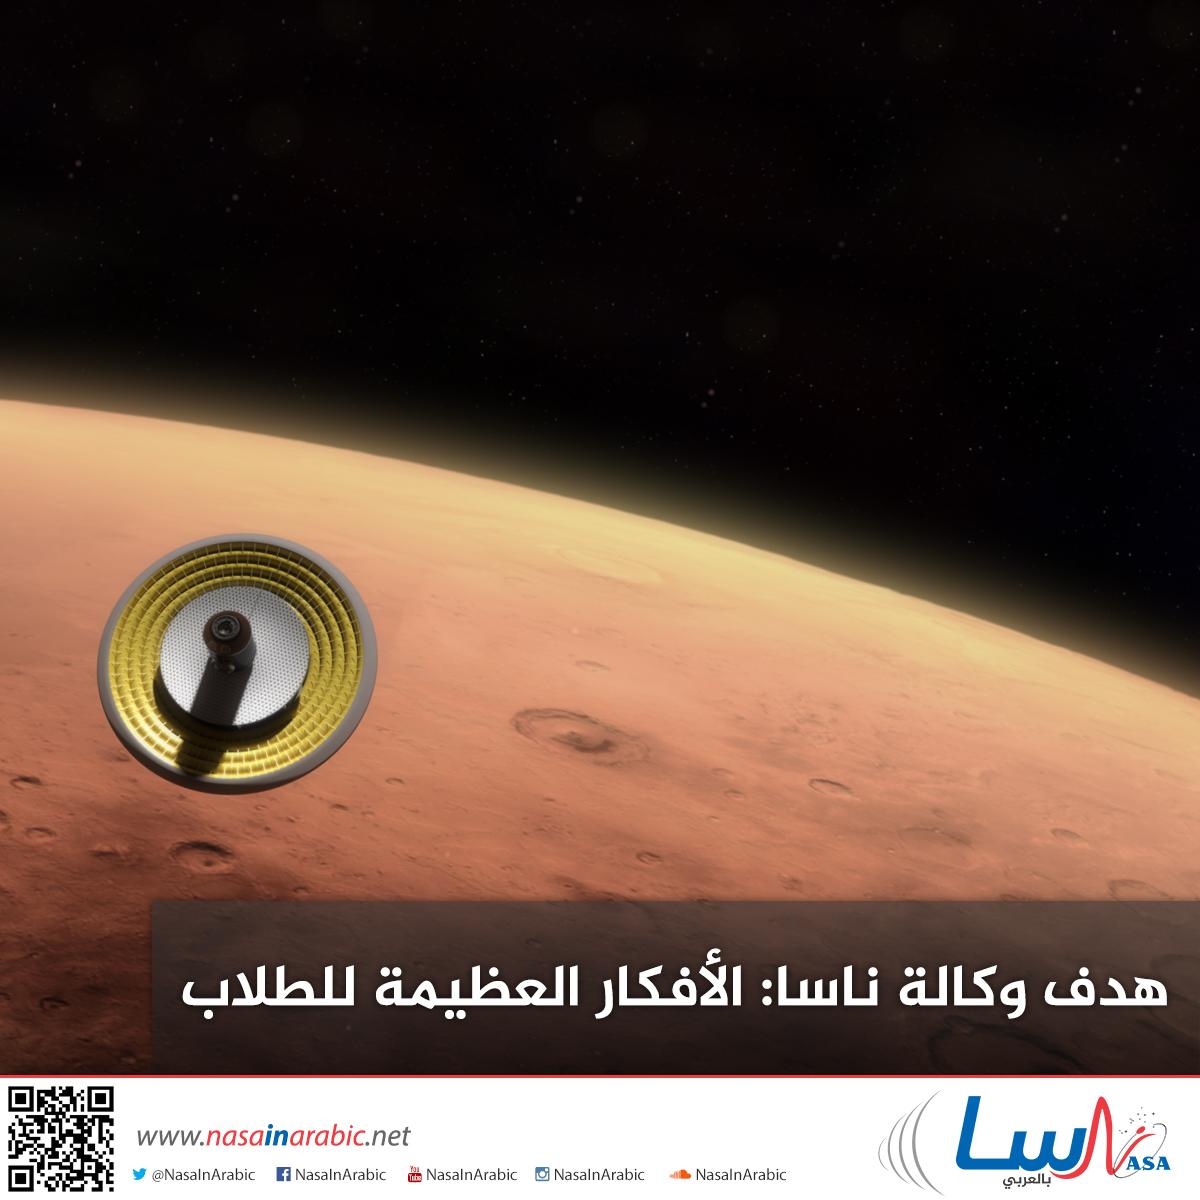 هدف وكالة ناسا: الأفكار العظيمة للطلاب